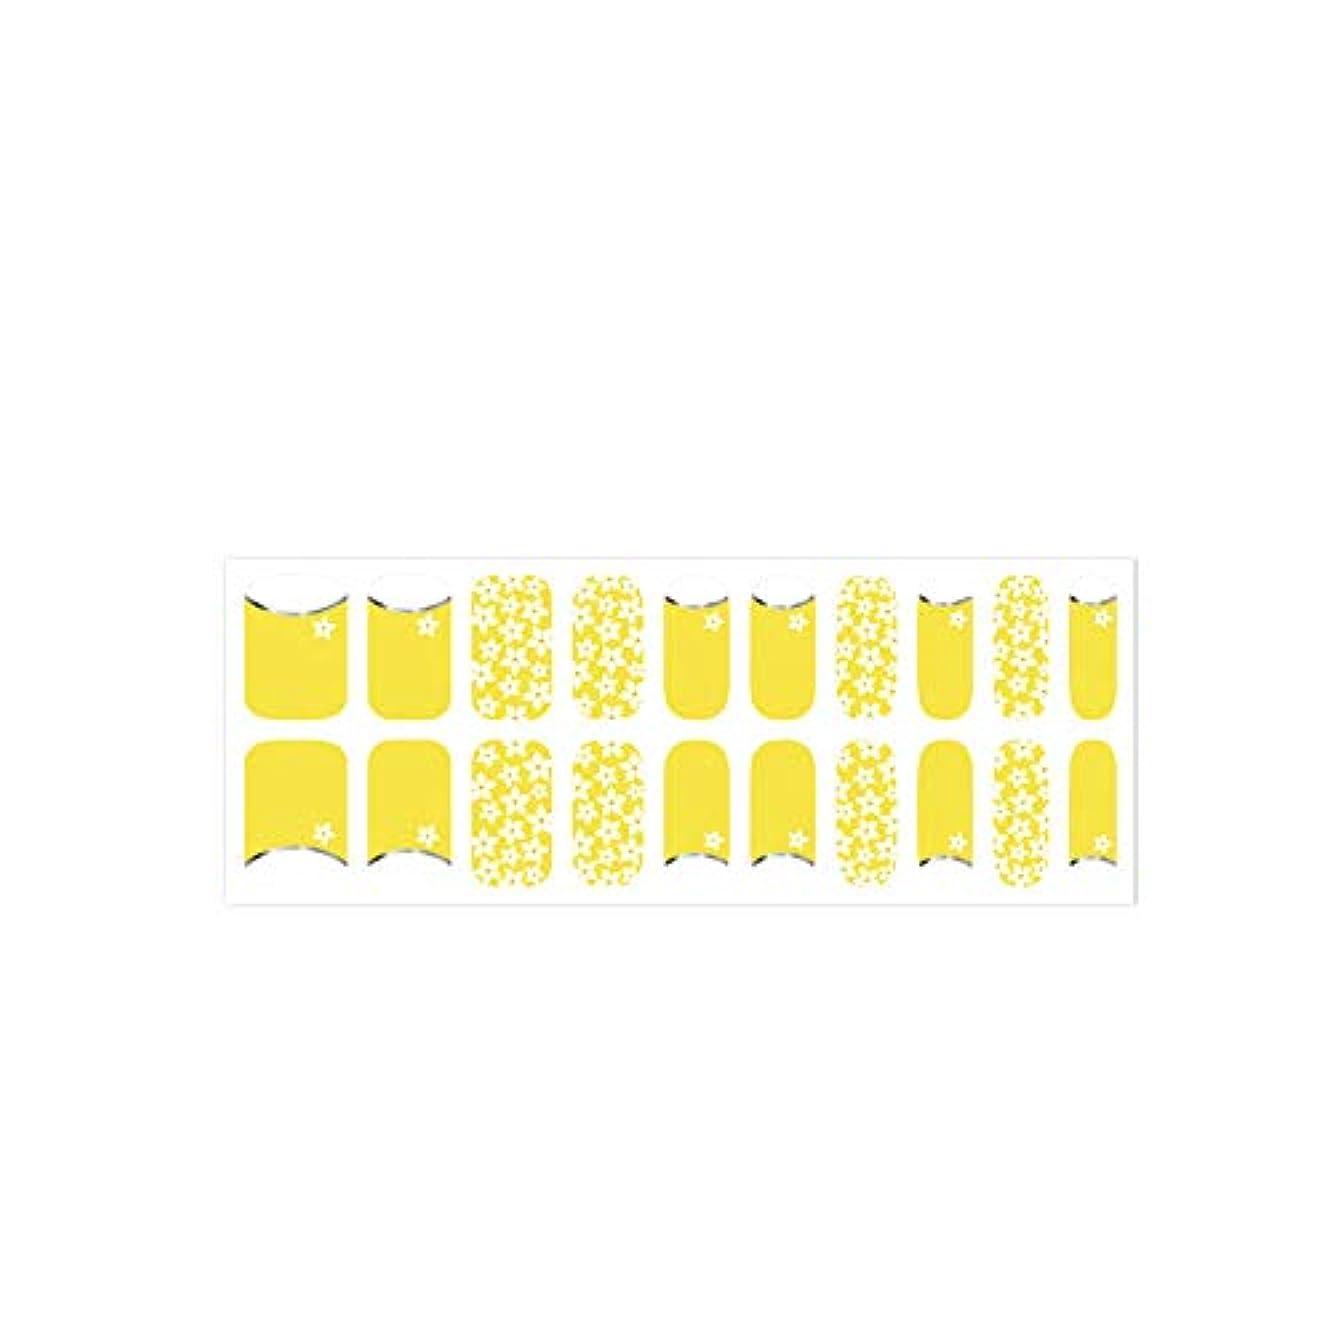 不十分曲真鍮爪に貼るだけで華やかになるネイルシート! 簡単セルフネイル ジェルネイル 20pcs ネイルシール ジェルネイルシール デコネイルシール VAVACOCO ペディキュア ハーフ かわいい 韓国 シンプル フルカバー ネイルパーツ...